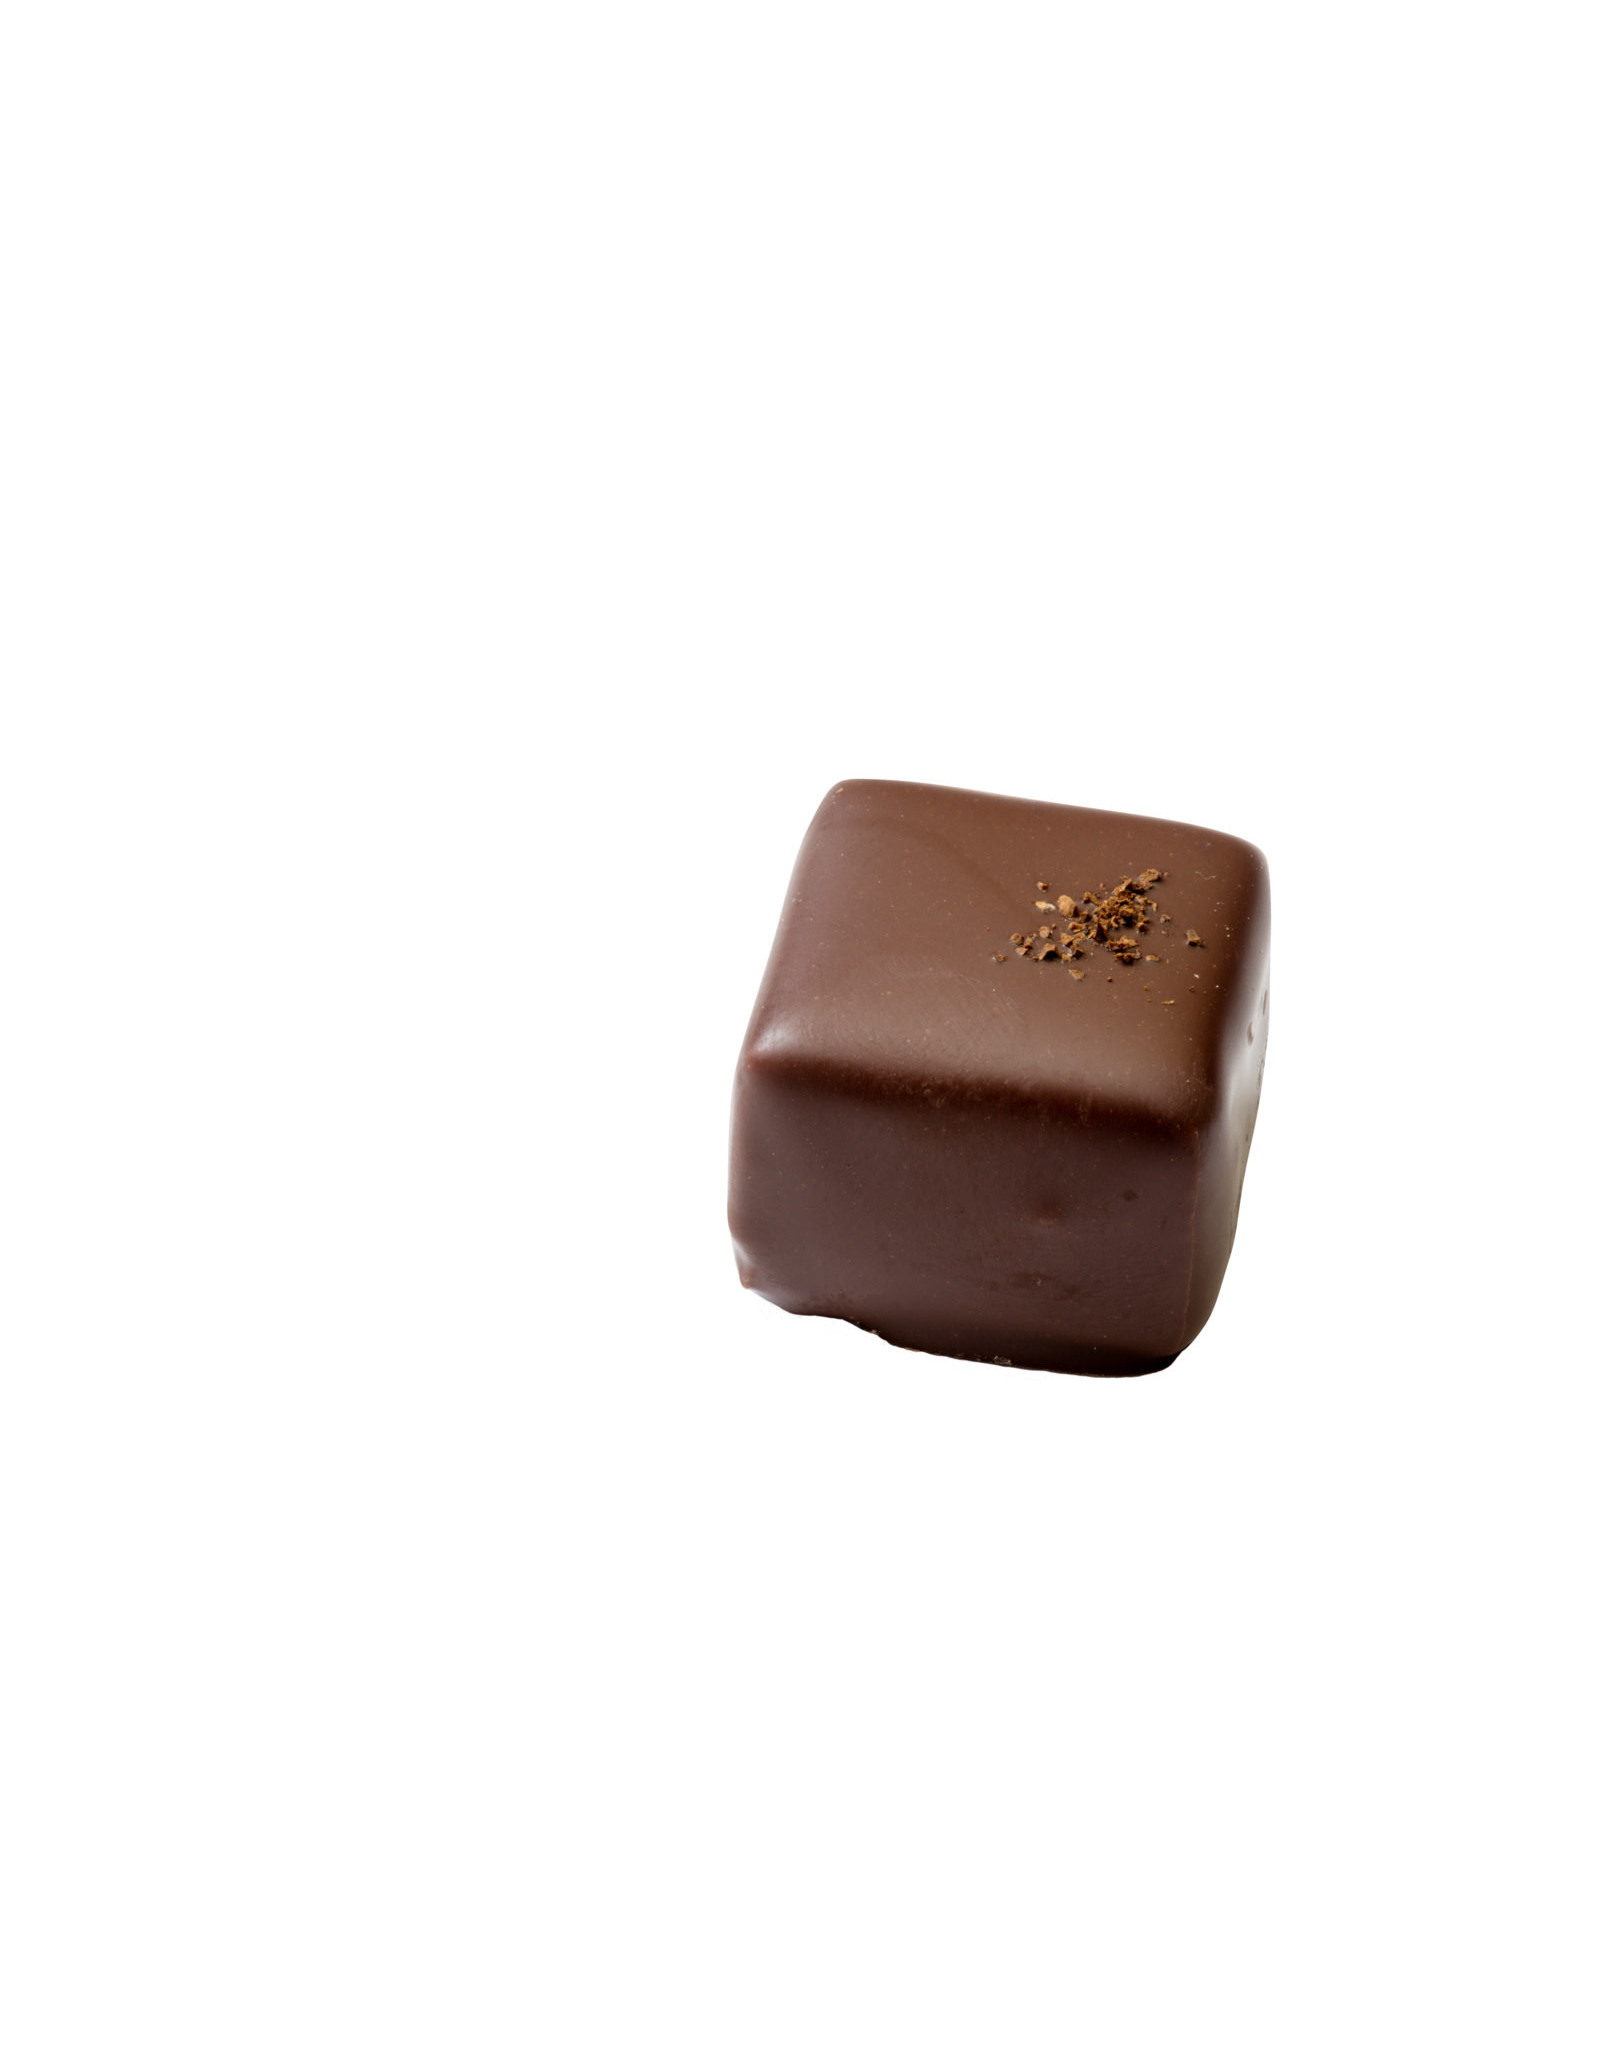 Visser Chocolade Santos Koffie